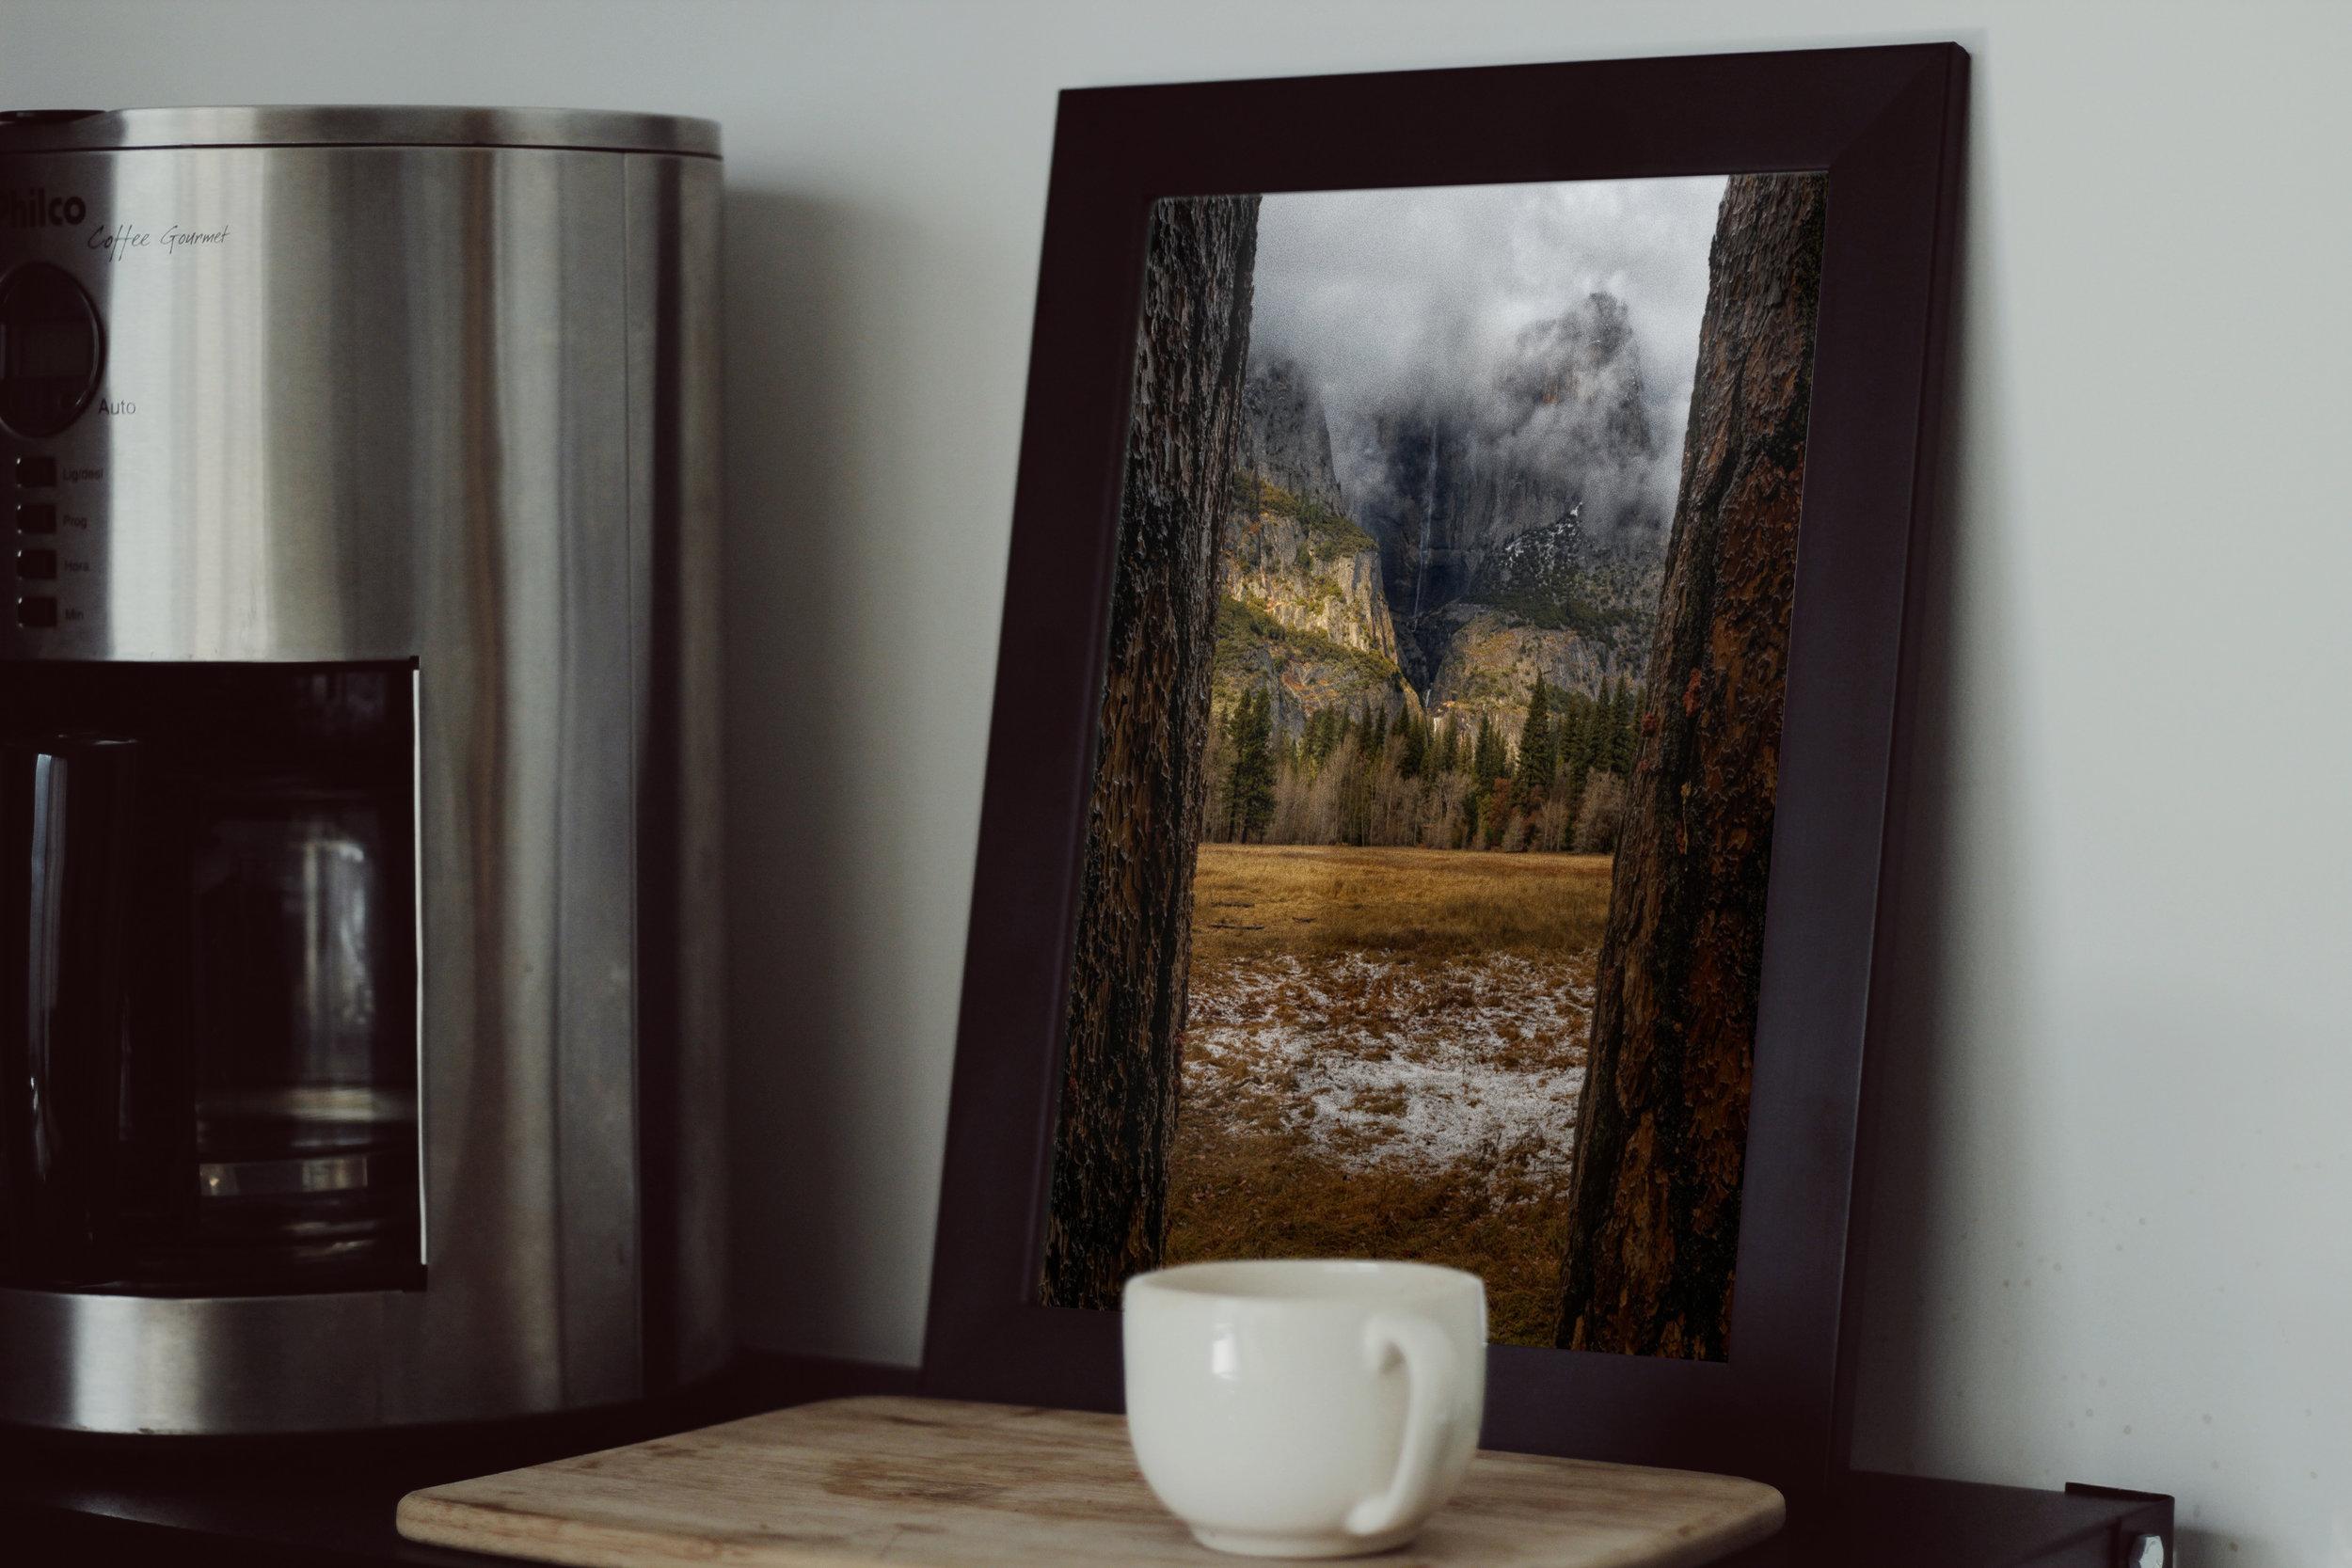 YosemiteFallsFramed2.jpg